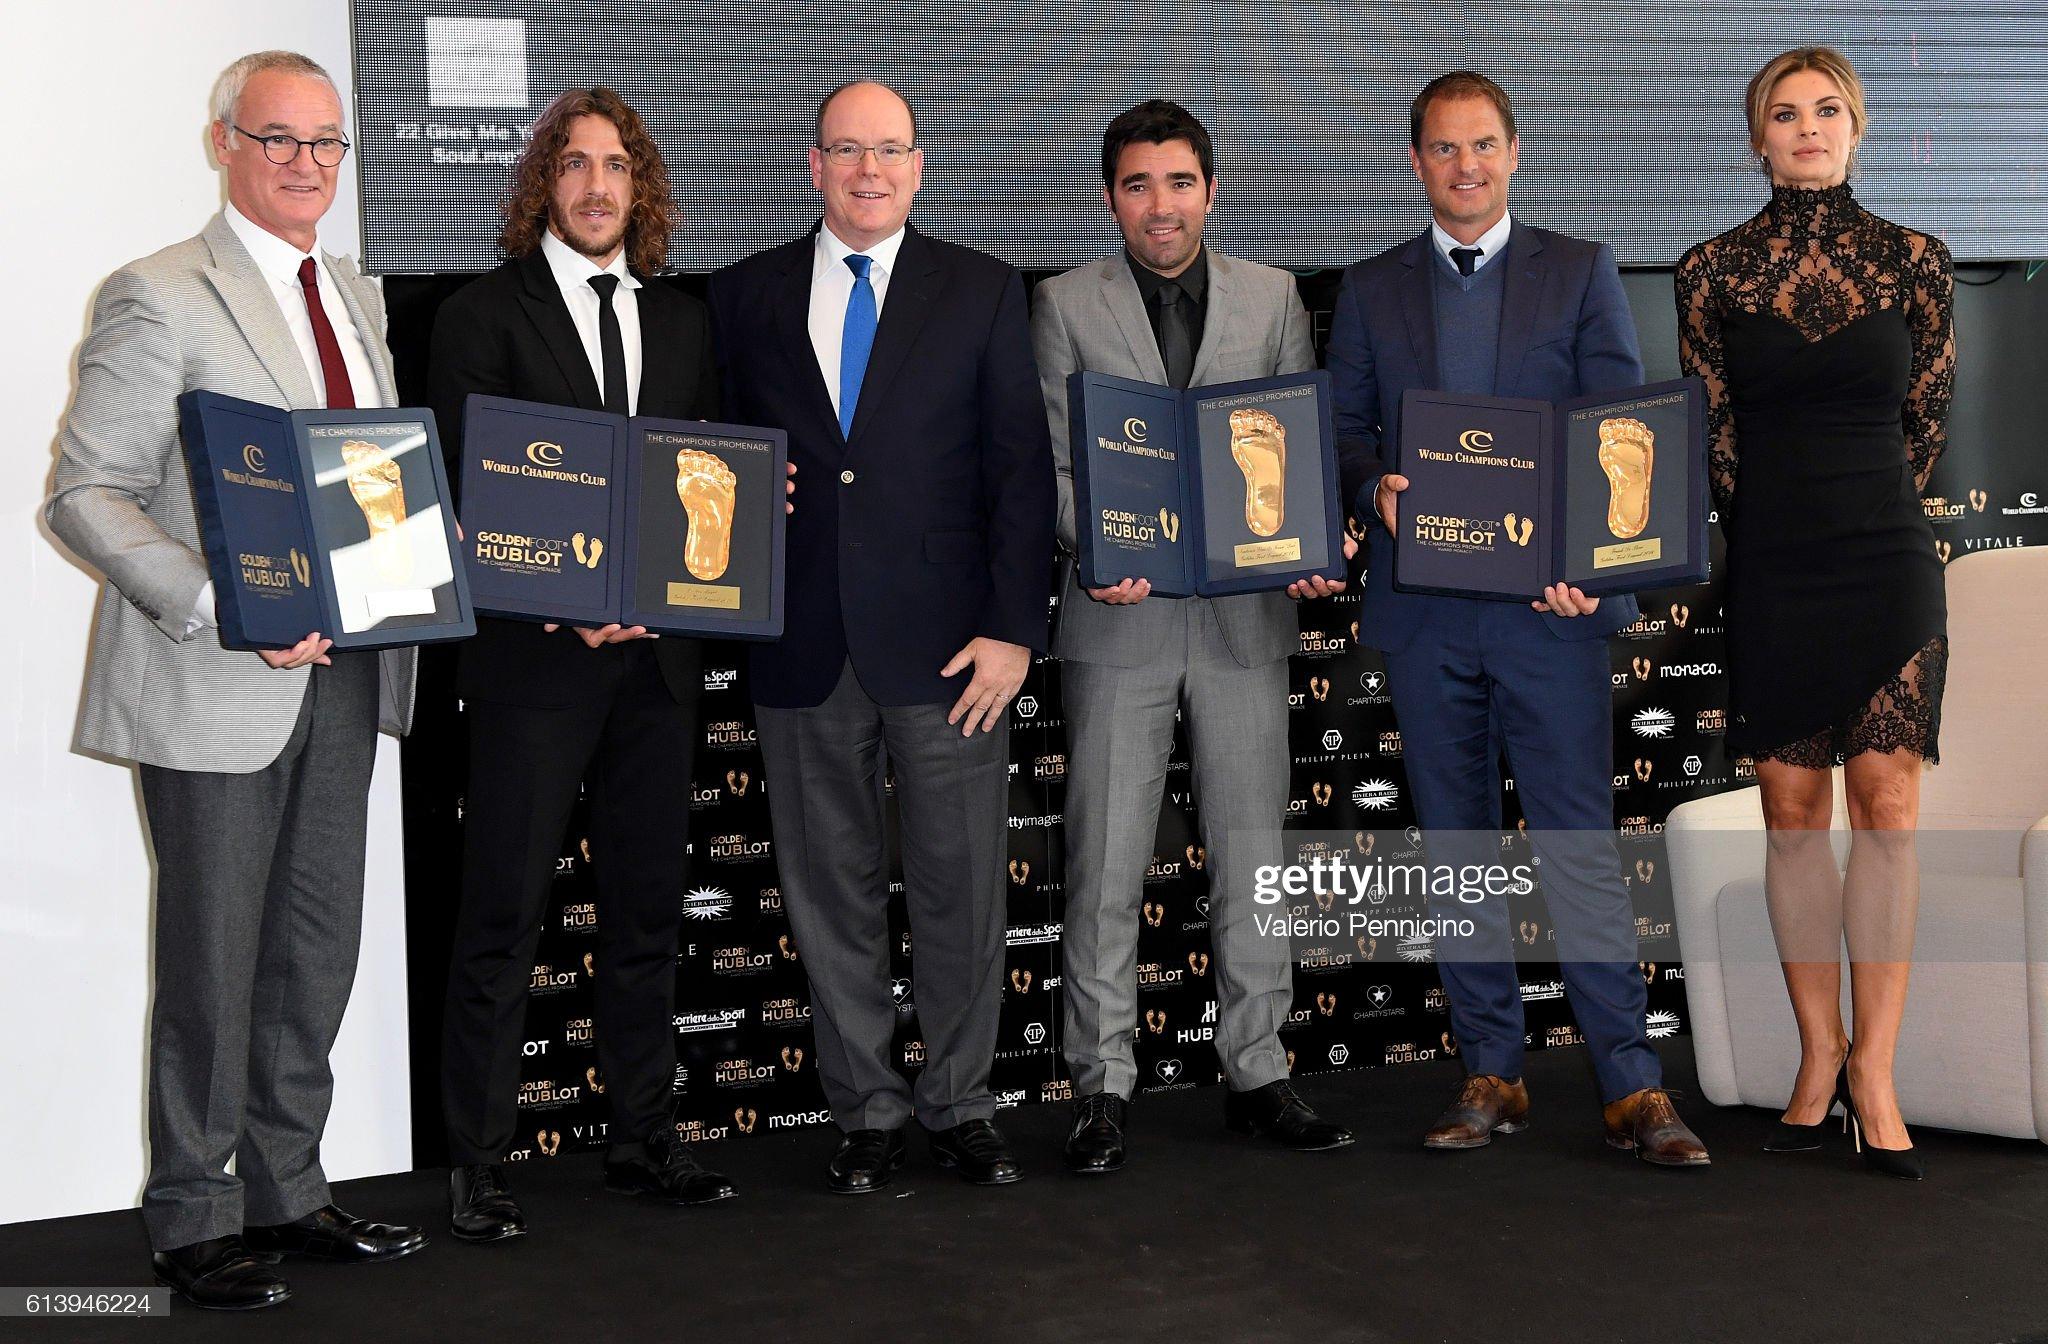 ¿Cuánto mide Carles Puyol? - Altura - Real height - Página 4 Claudio-ranieri-carles-puyol-deco-prince-albert-ii-of-monaco-deco-de-picture-id613946224?s=2048x2048